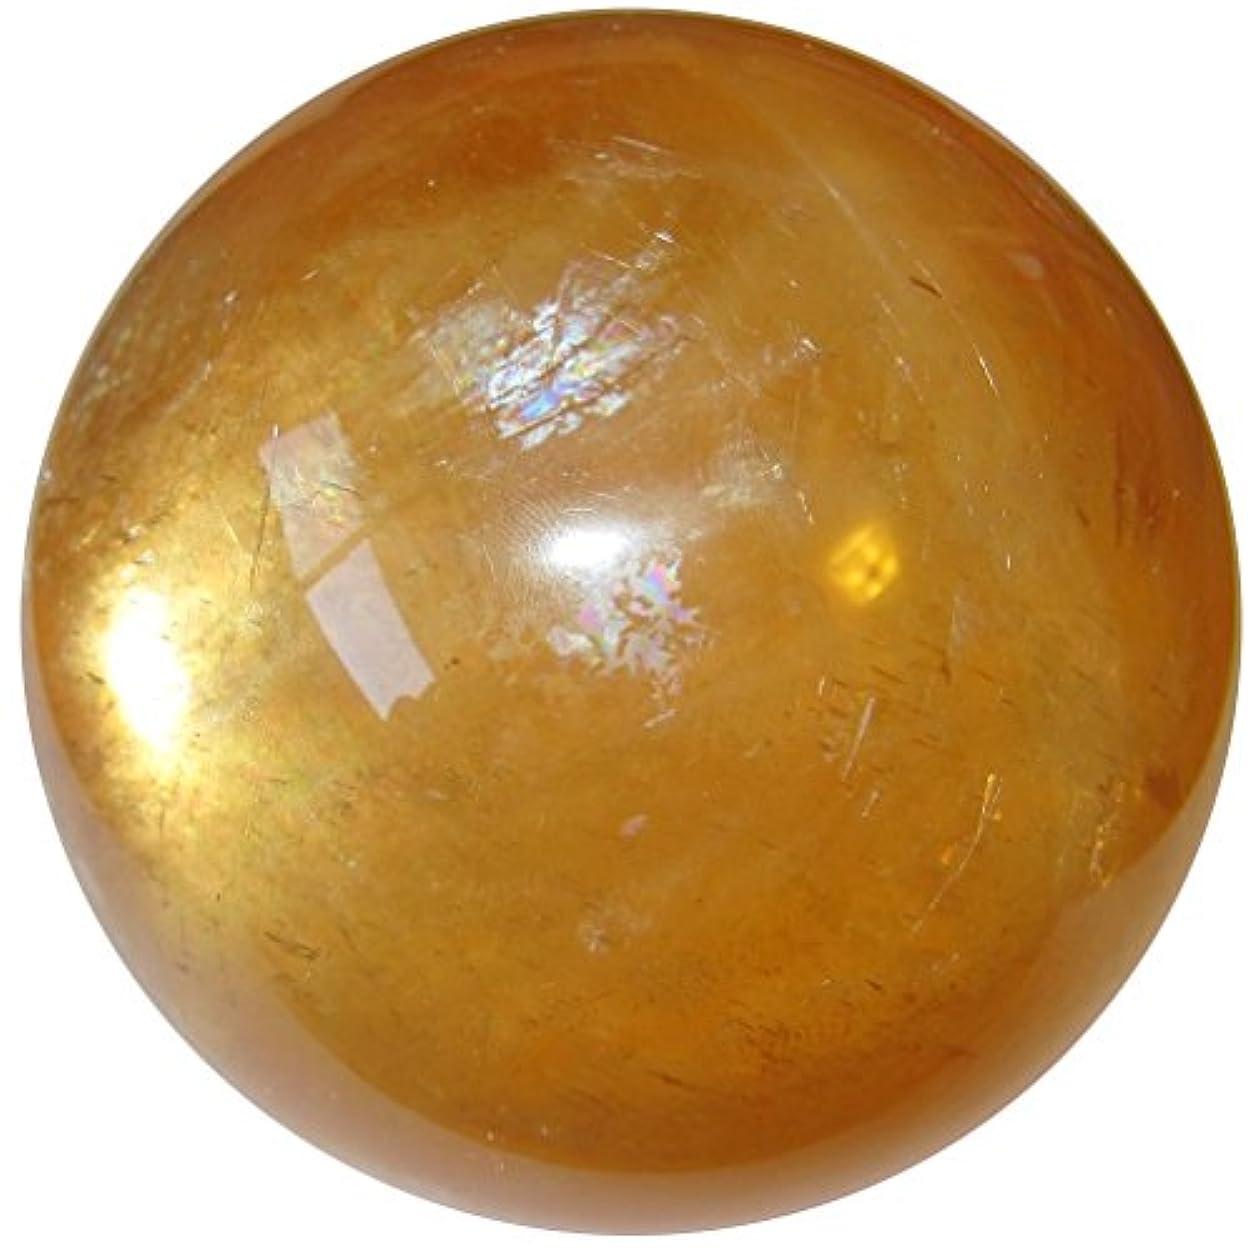 何でも同じ集中的なCalciteオレンジボール3.4